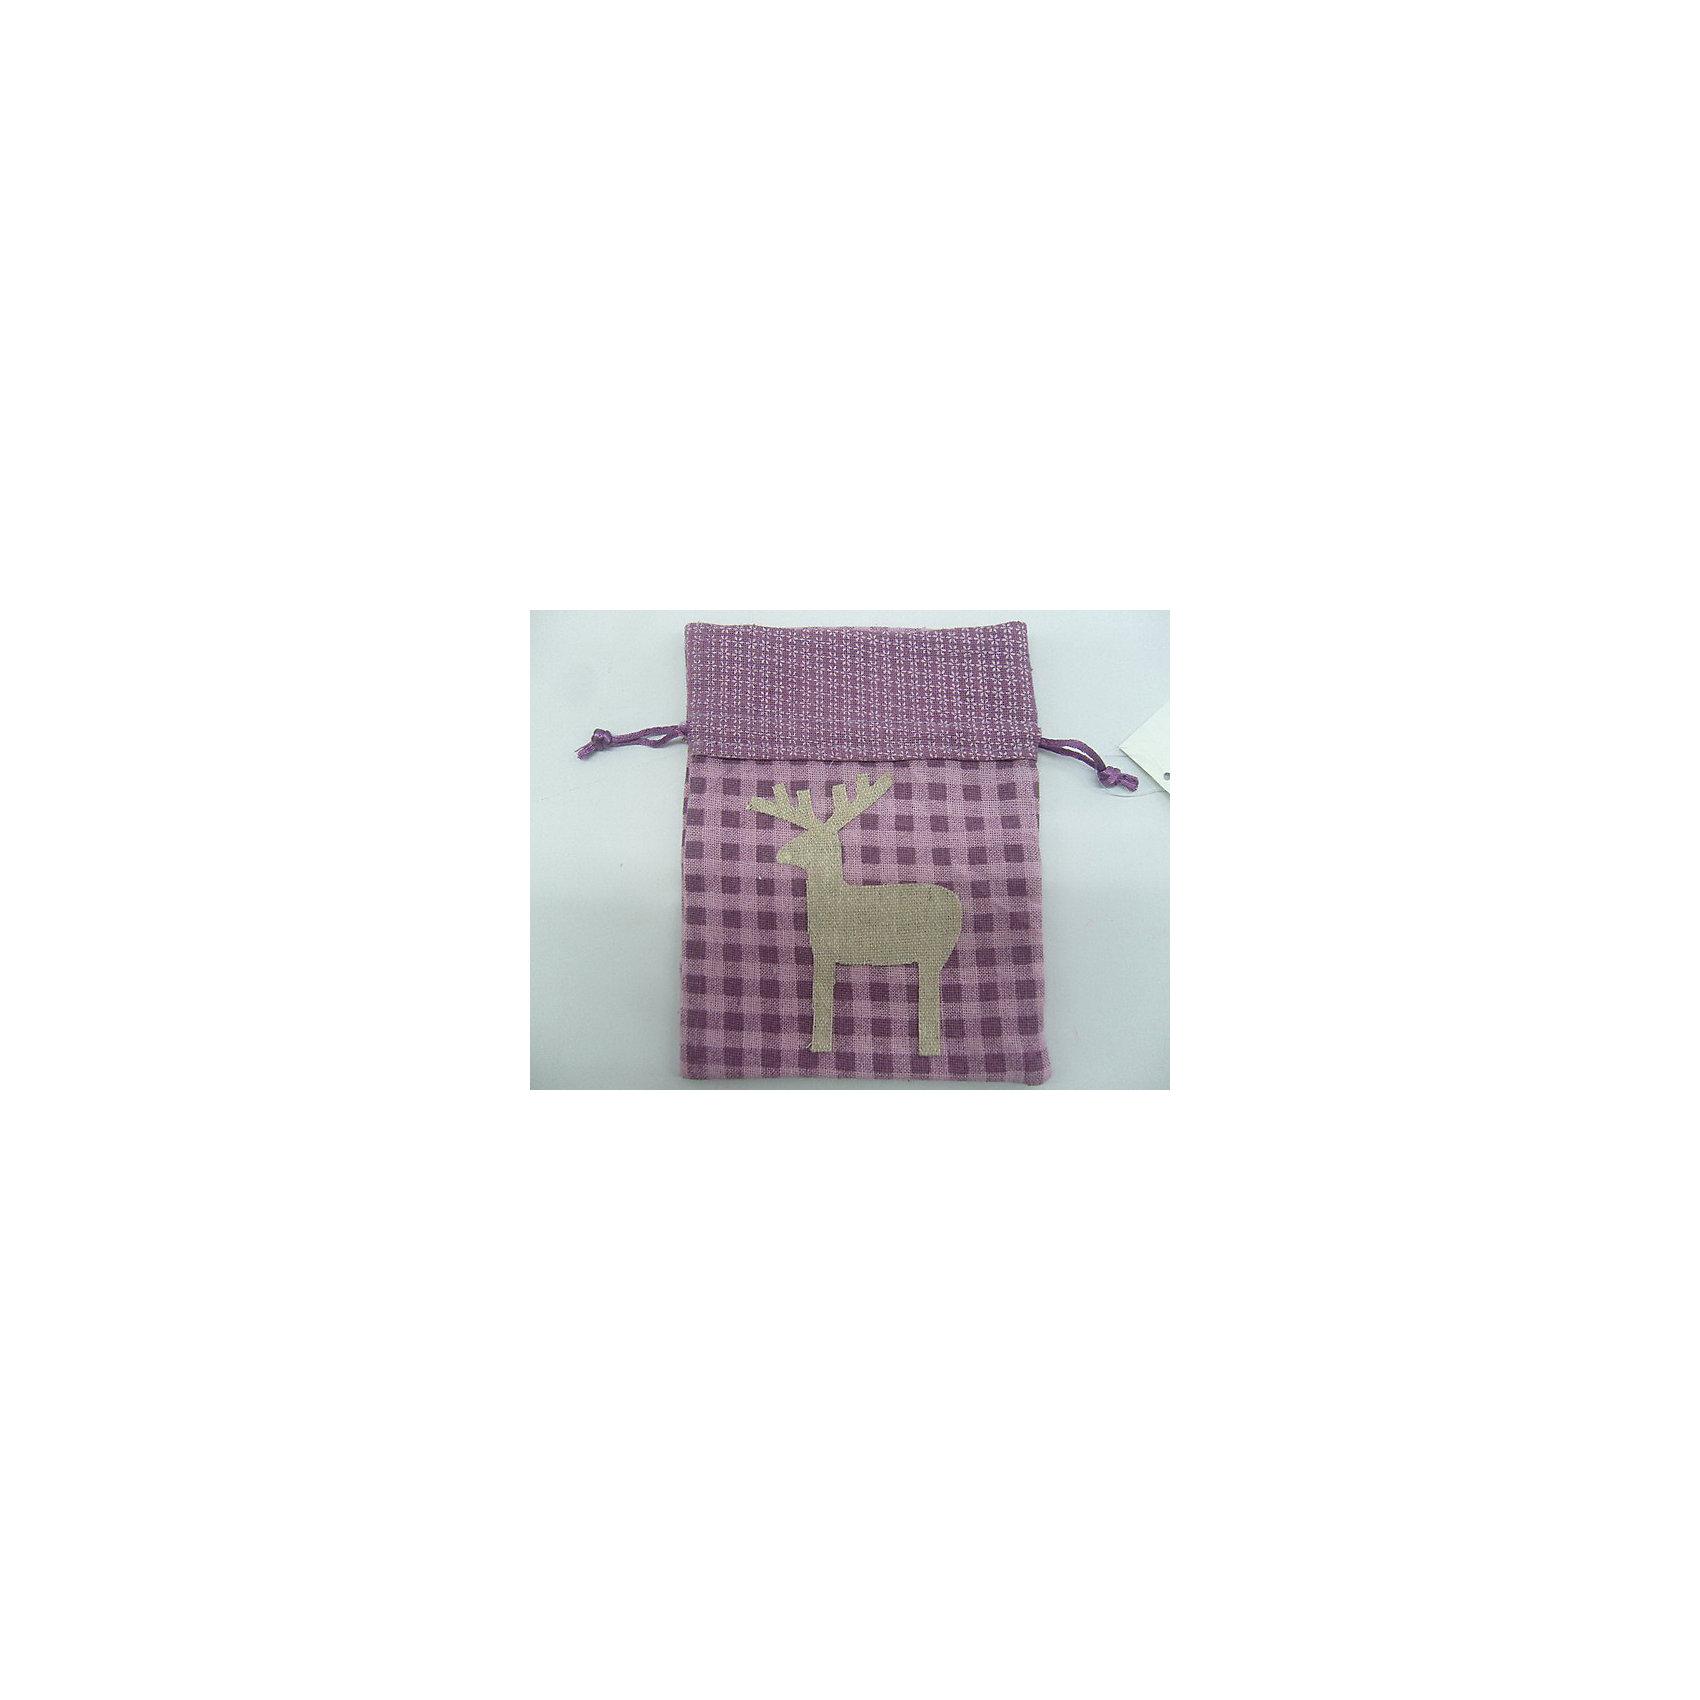 Феникс-Презент Новогоднее подвесное украшение из ткани Мешочек для подарков 17 см новогоднее подвесное украшение феникс презент кленовый лист